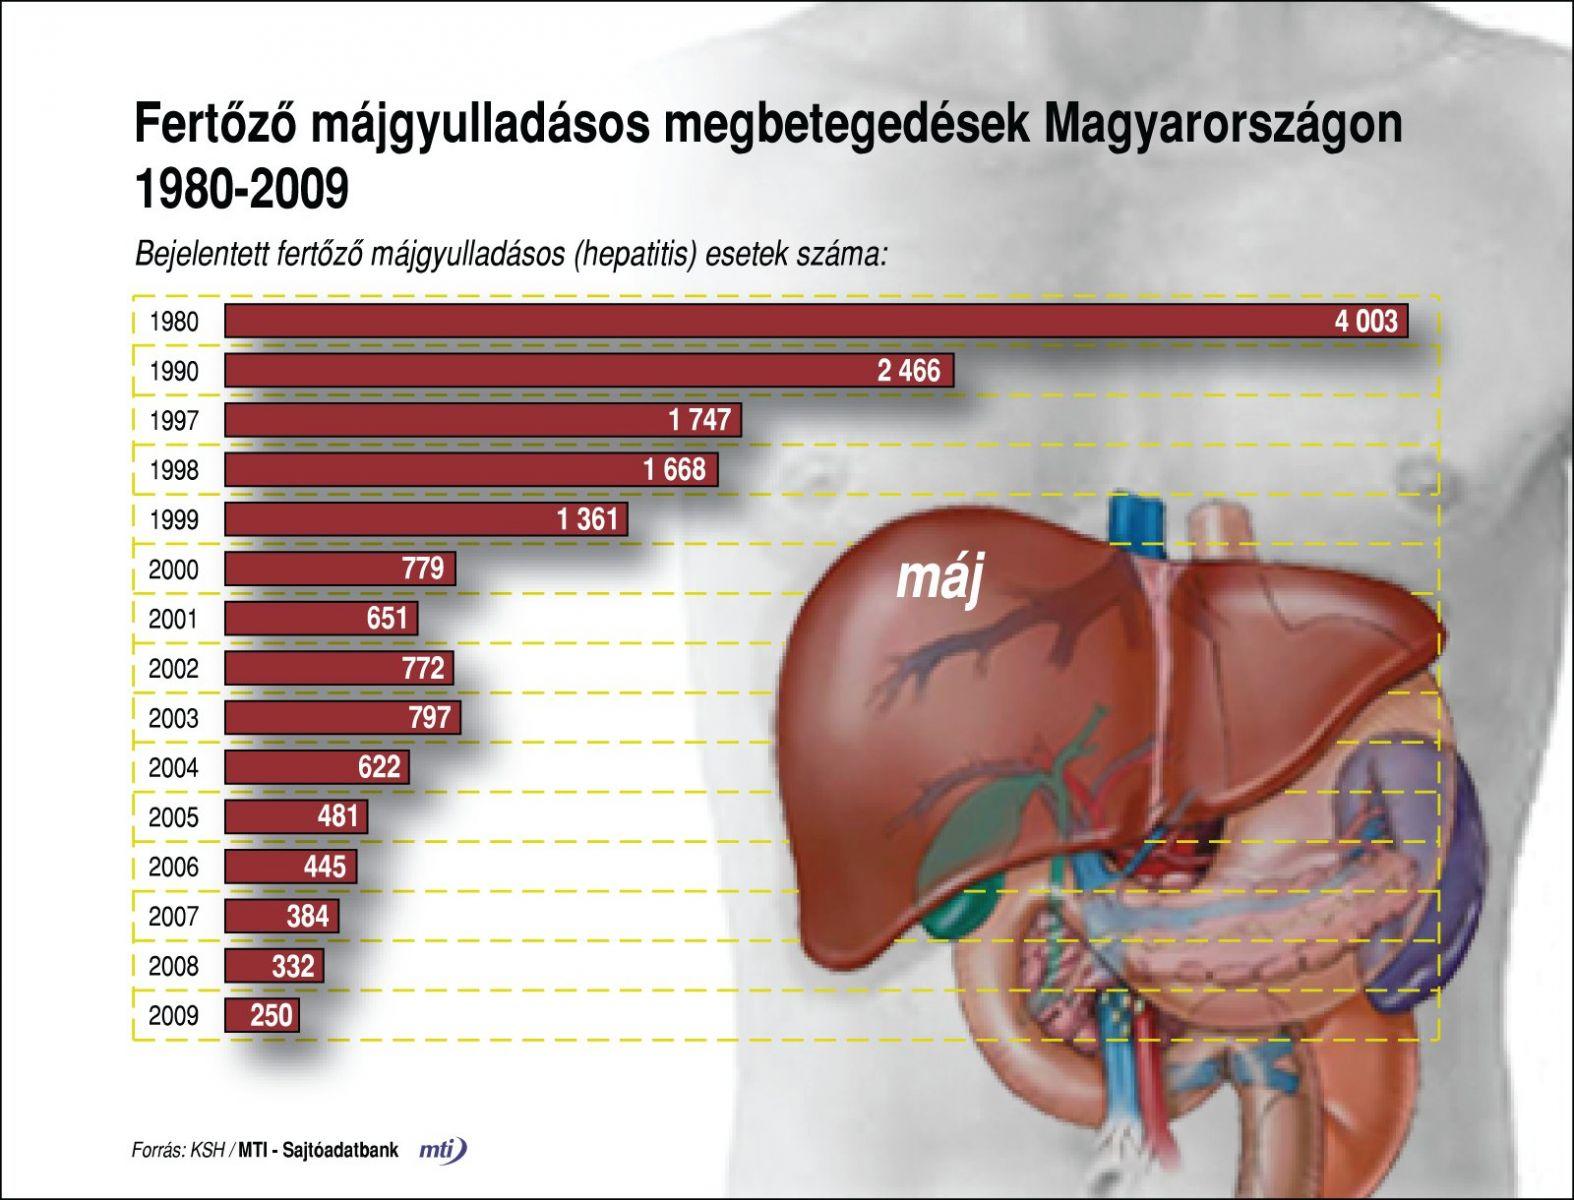 Hepatitiszes megbetegedések Magyarországon 1980-2009